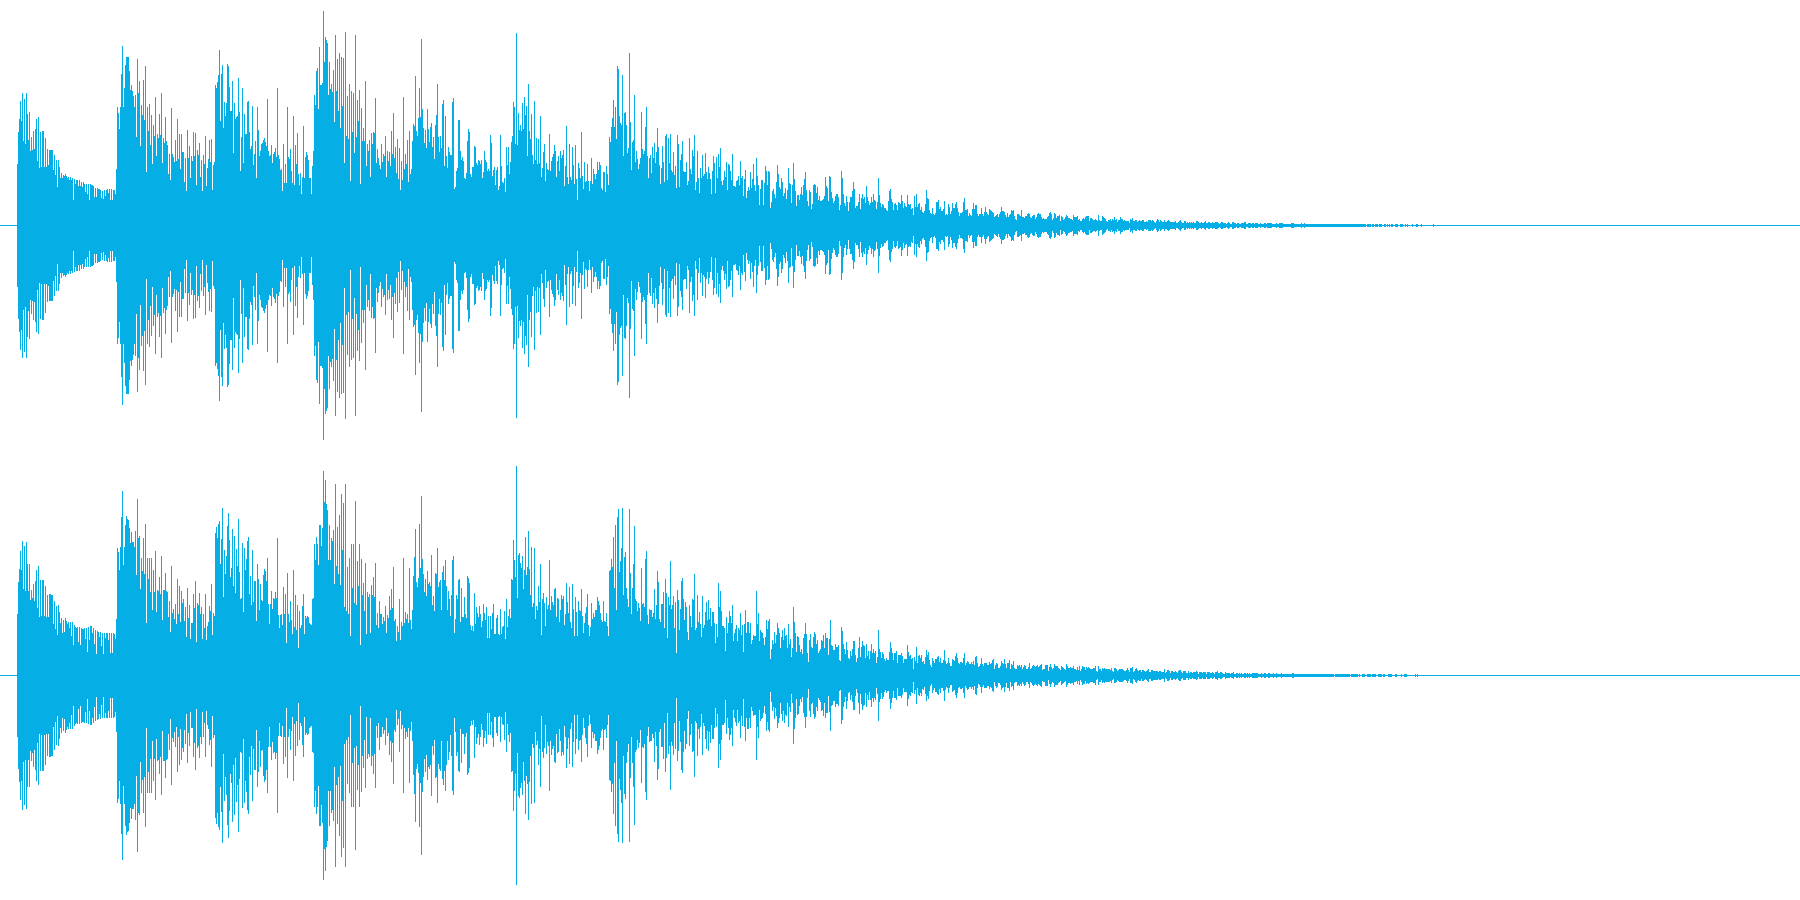 和風効果音 琴 クール アクセント Bの再生済みの波形